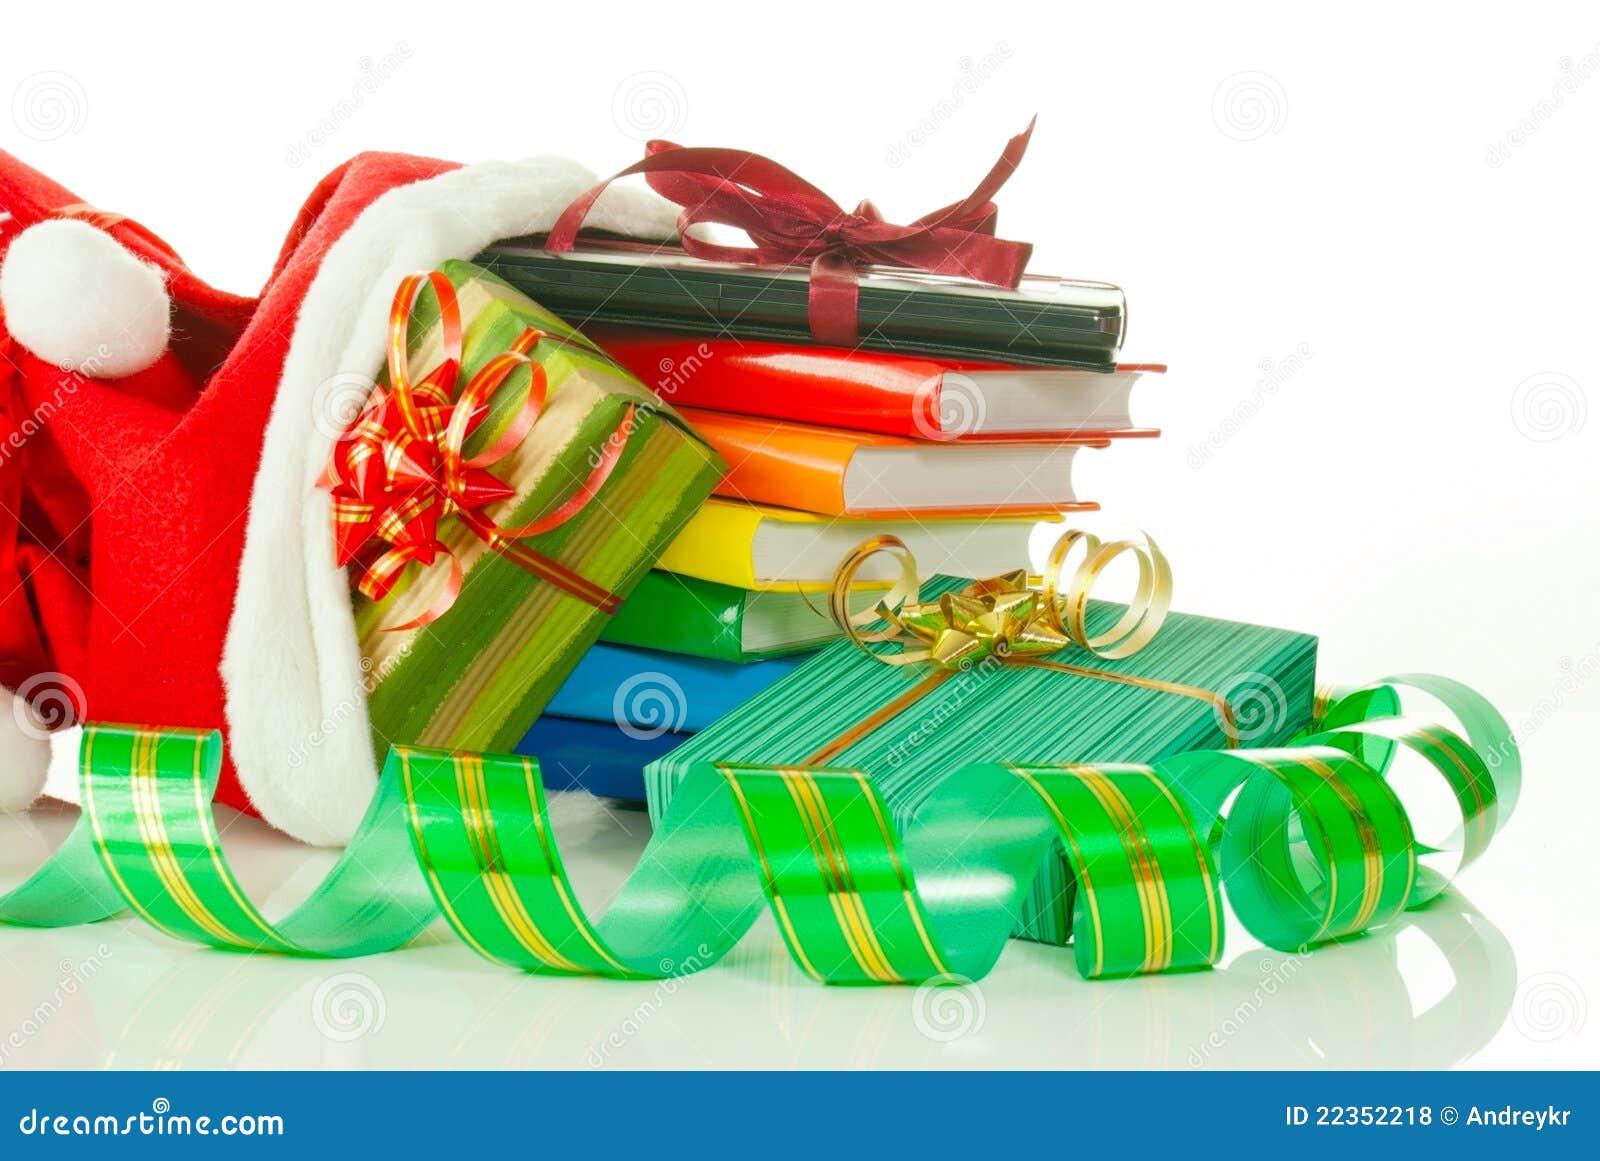 登记书圣诞节e存在阅读程序